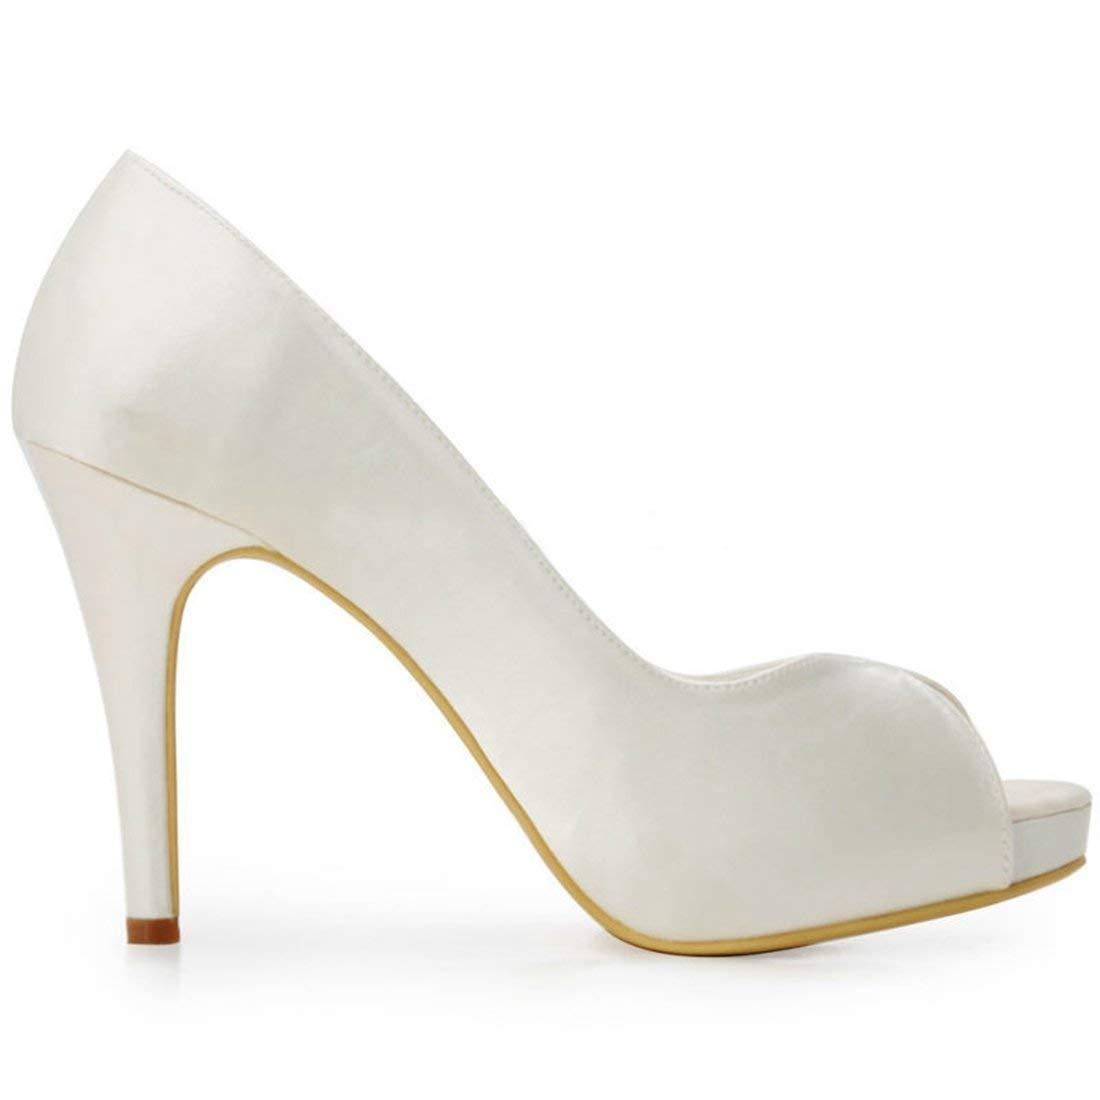 ZHRUI Damen Plattform Stiletto Heels Elfenbein Satin Braut Hochzeit Outdoor Sandalen Sandalen Outdoor UK 3 (Farbe   -, Größe   -) 6c6bd4